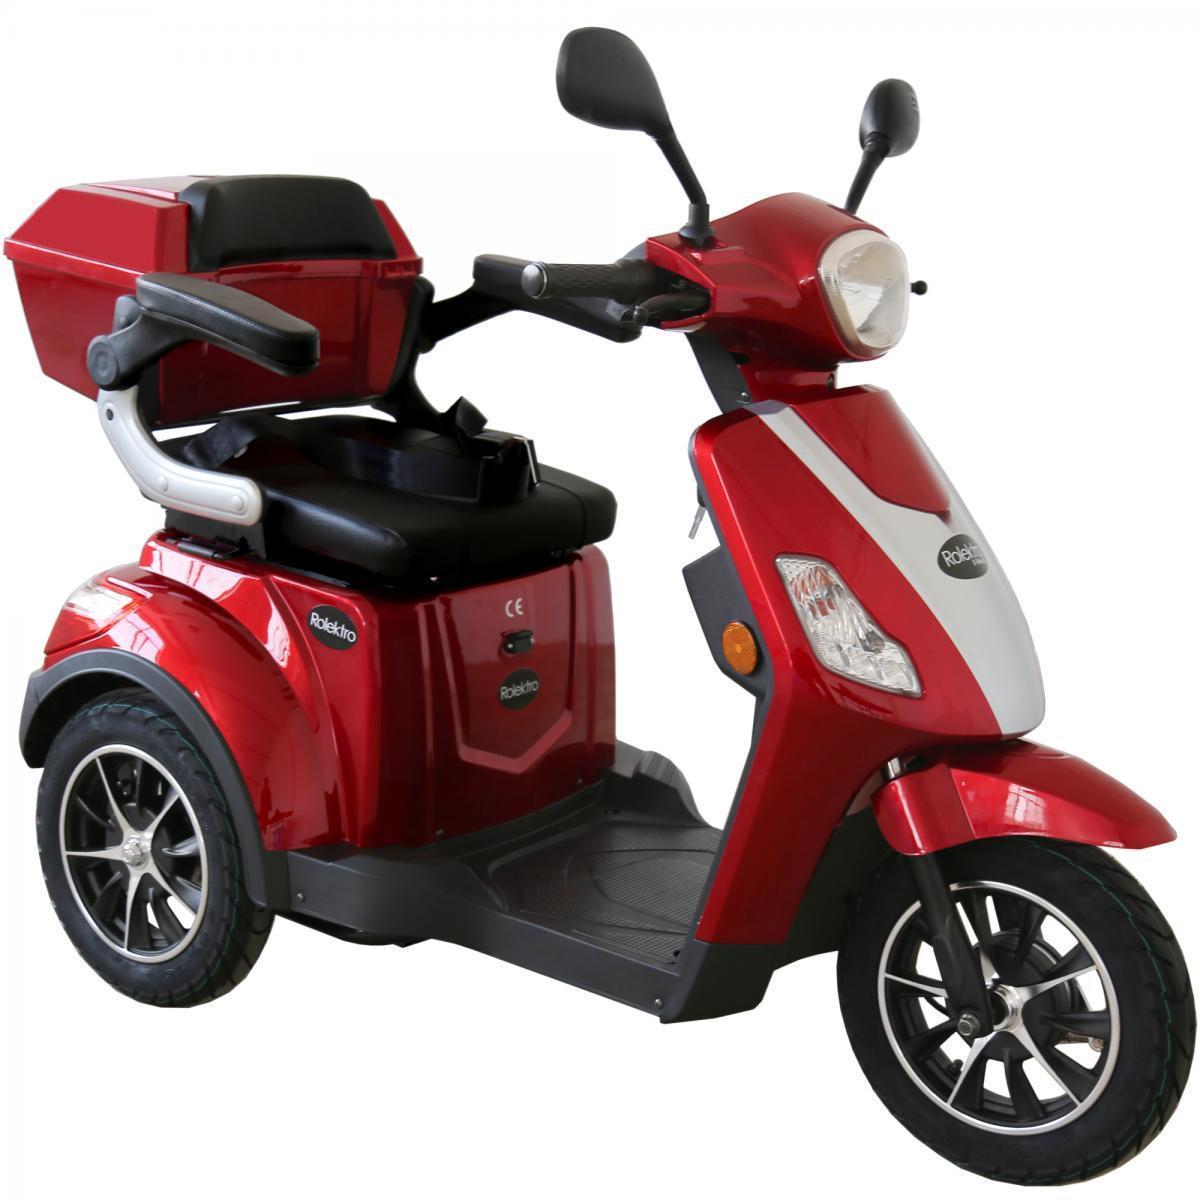 Bild 2 von Rolektro E-Trike 25 V.2, Rot, 1000 Watt